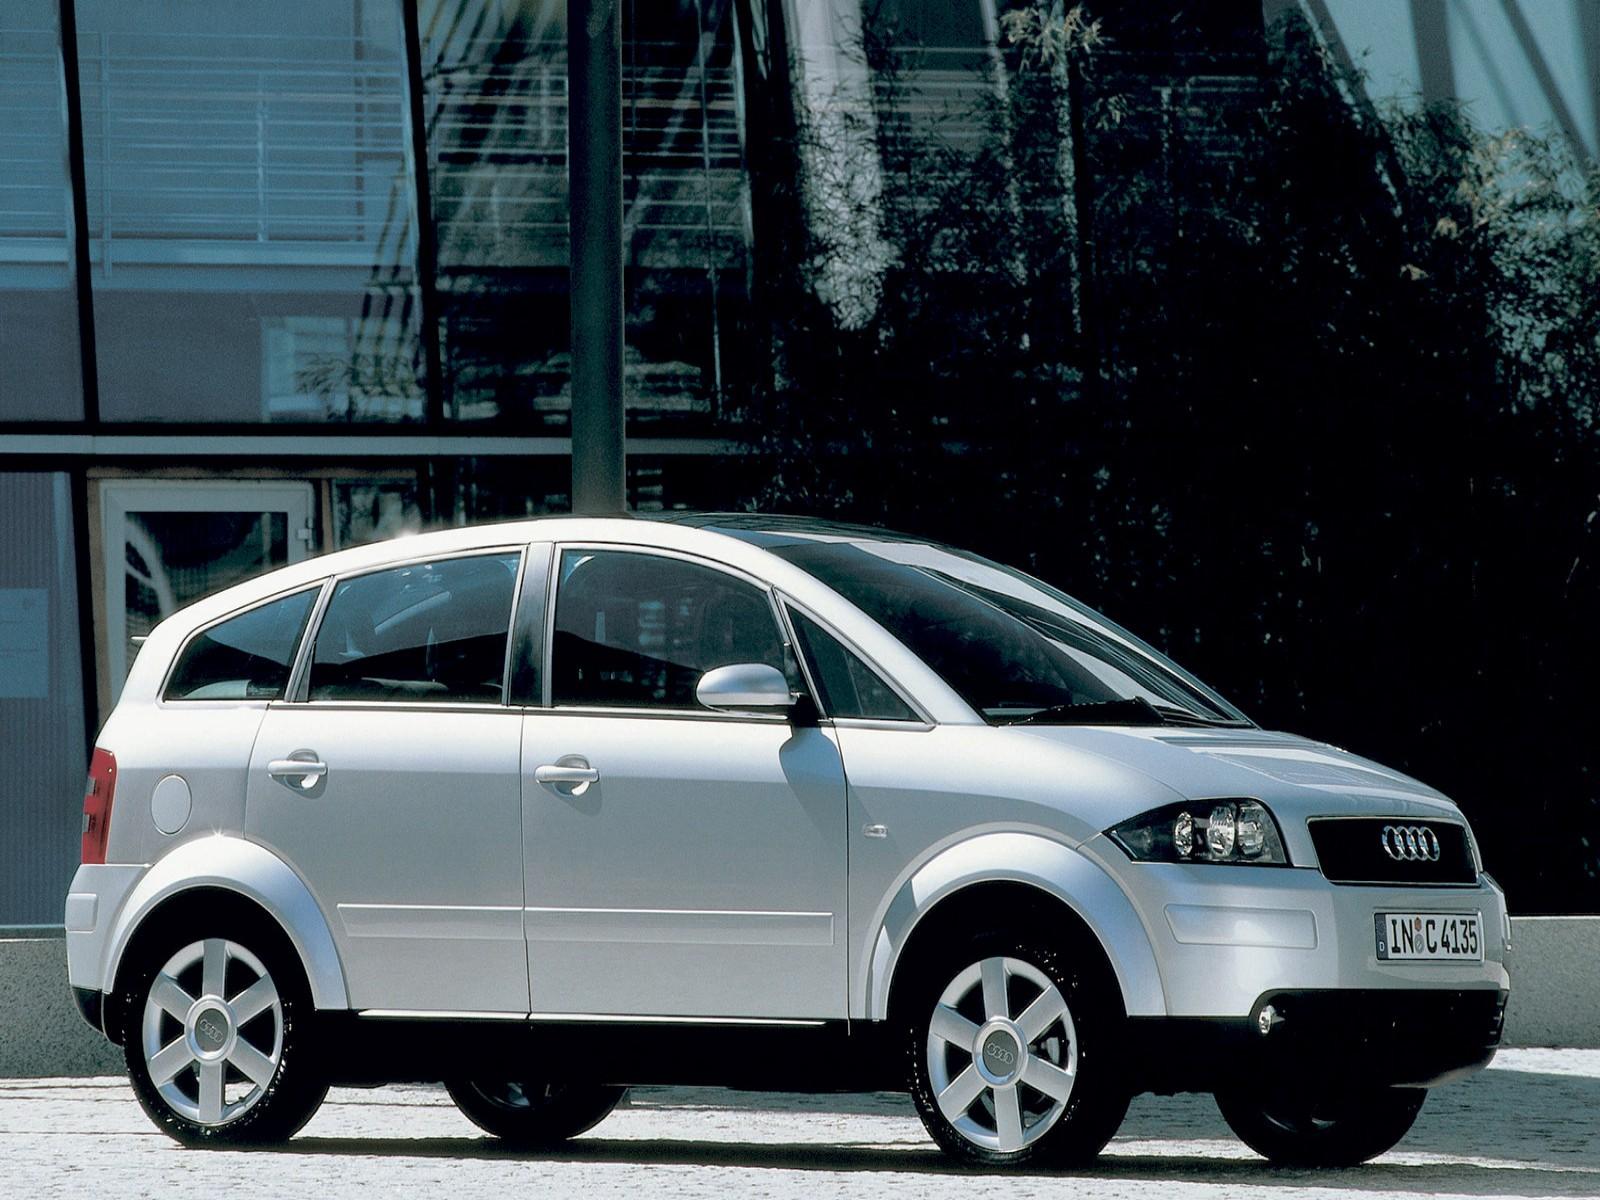 AUDI A2 silver